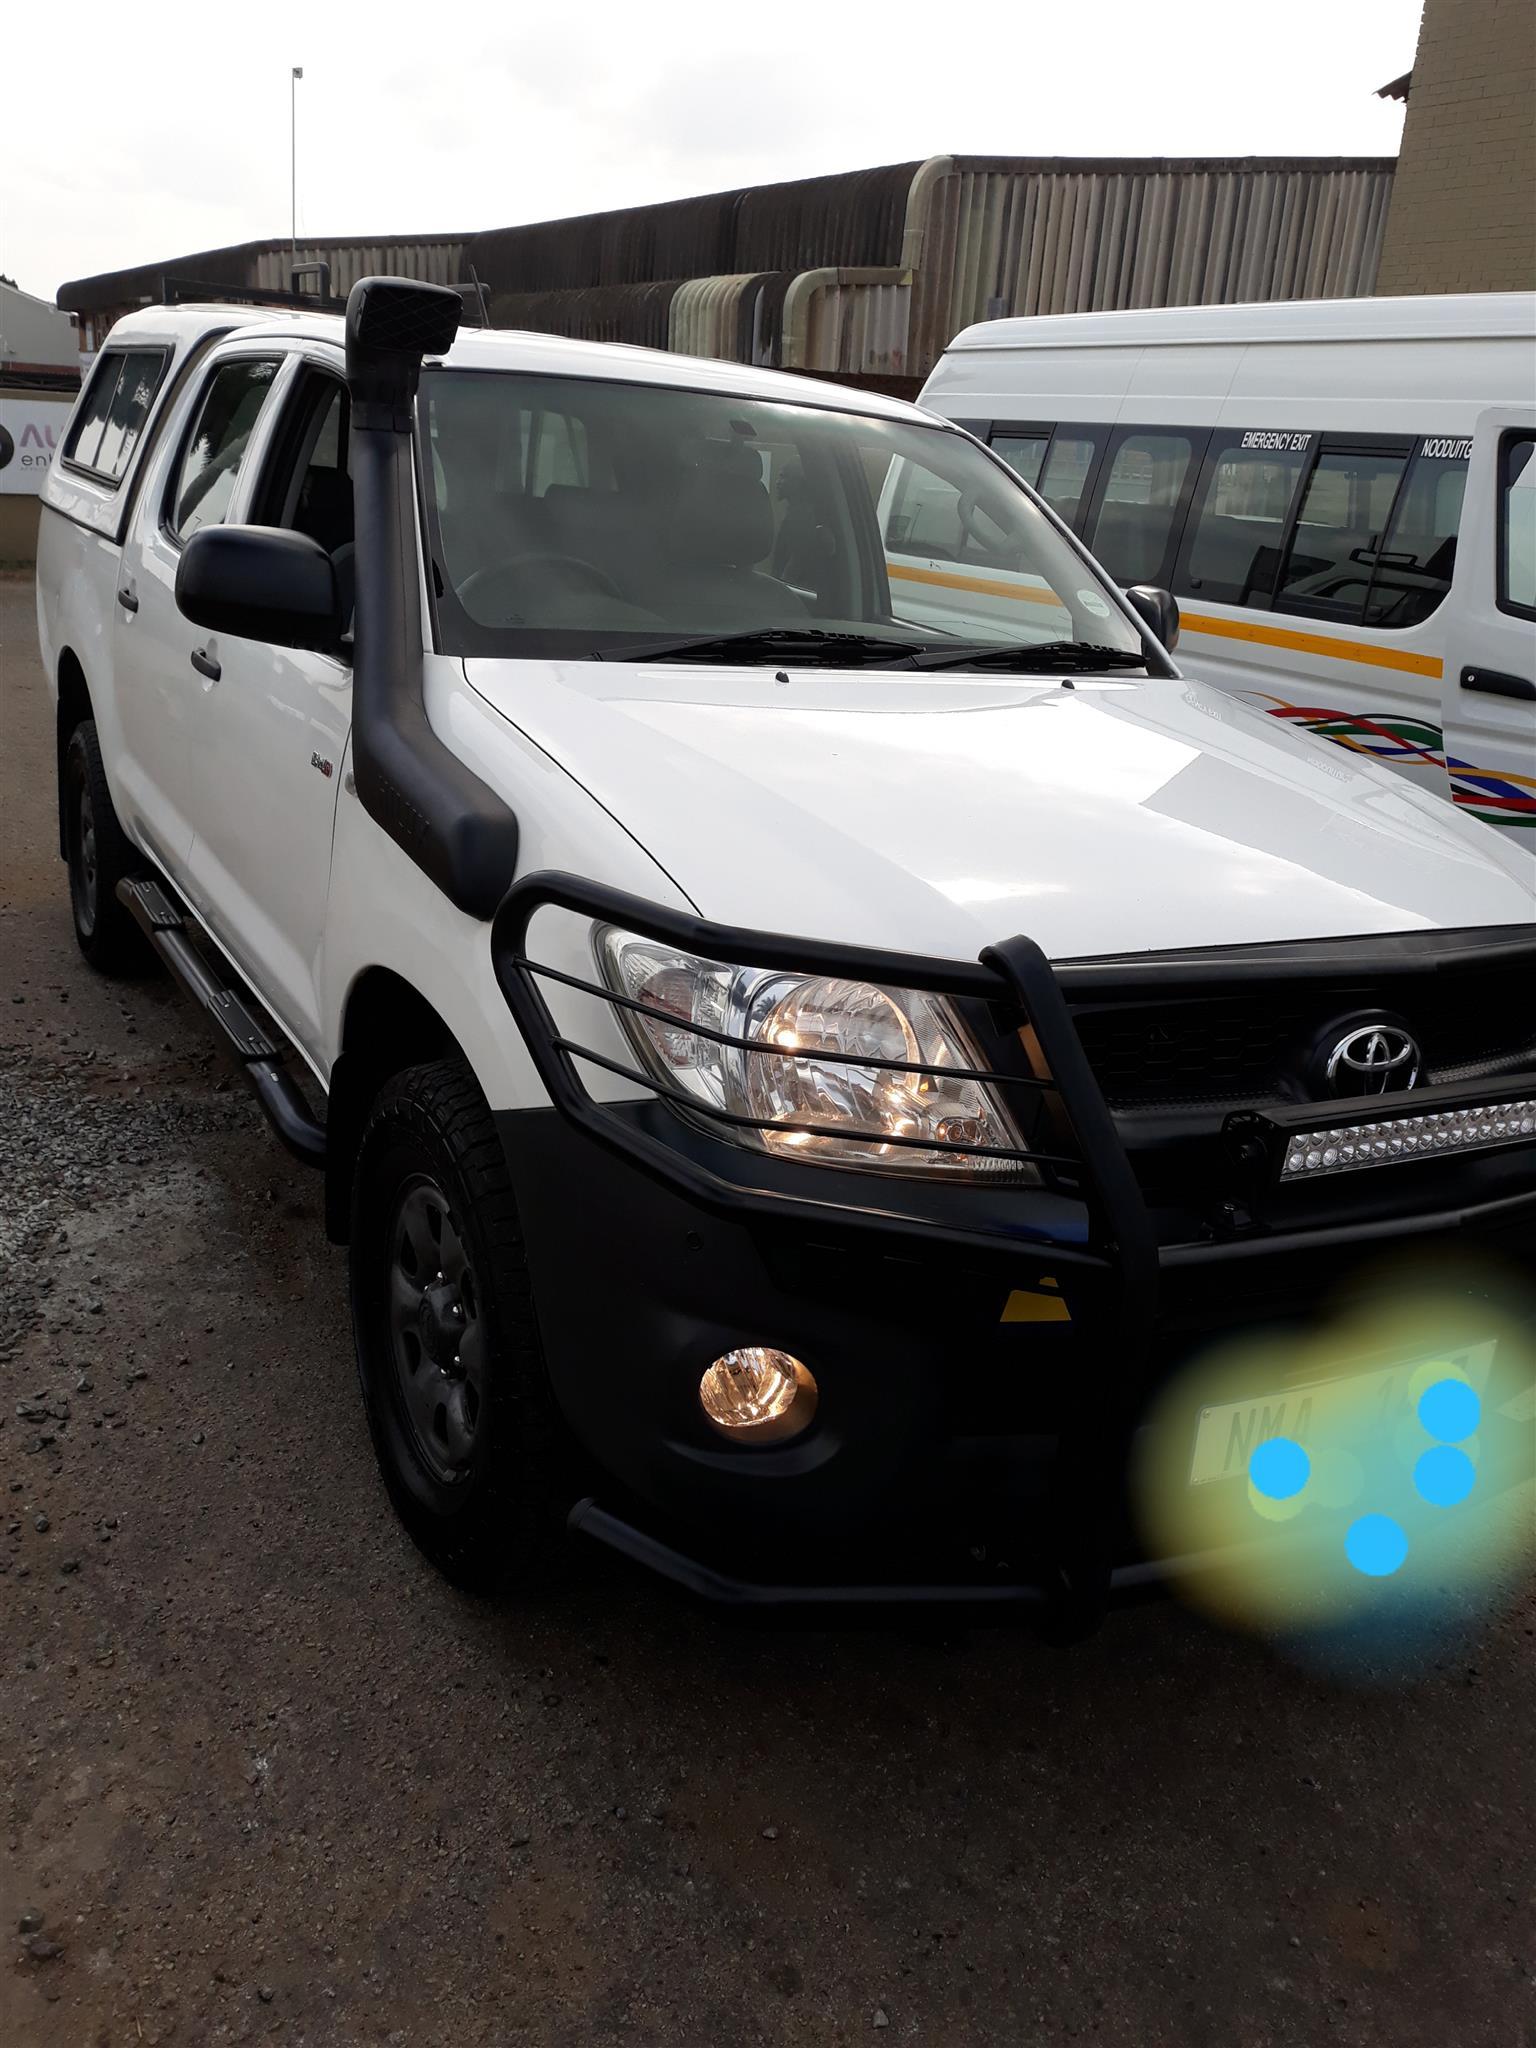 2011 Toyota Hilux double cab HILUX 2.4 GD 6 SRX 4X4 A/T P/U D/C